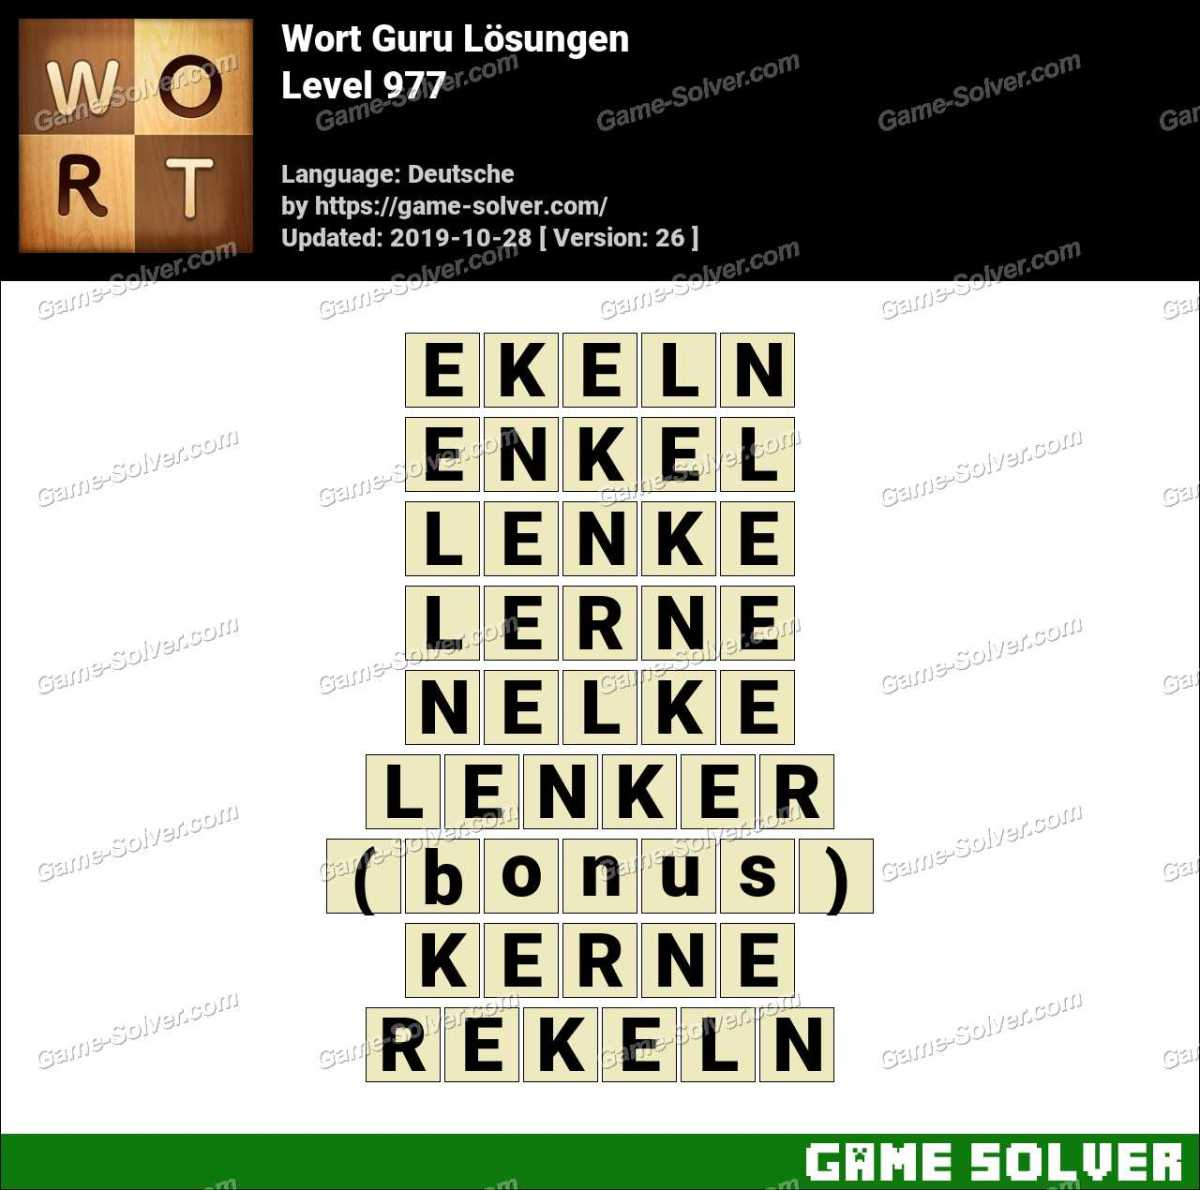 Wort Guru Level 977 Lösungen